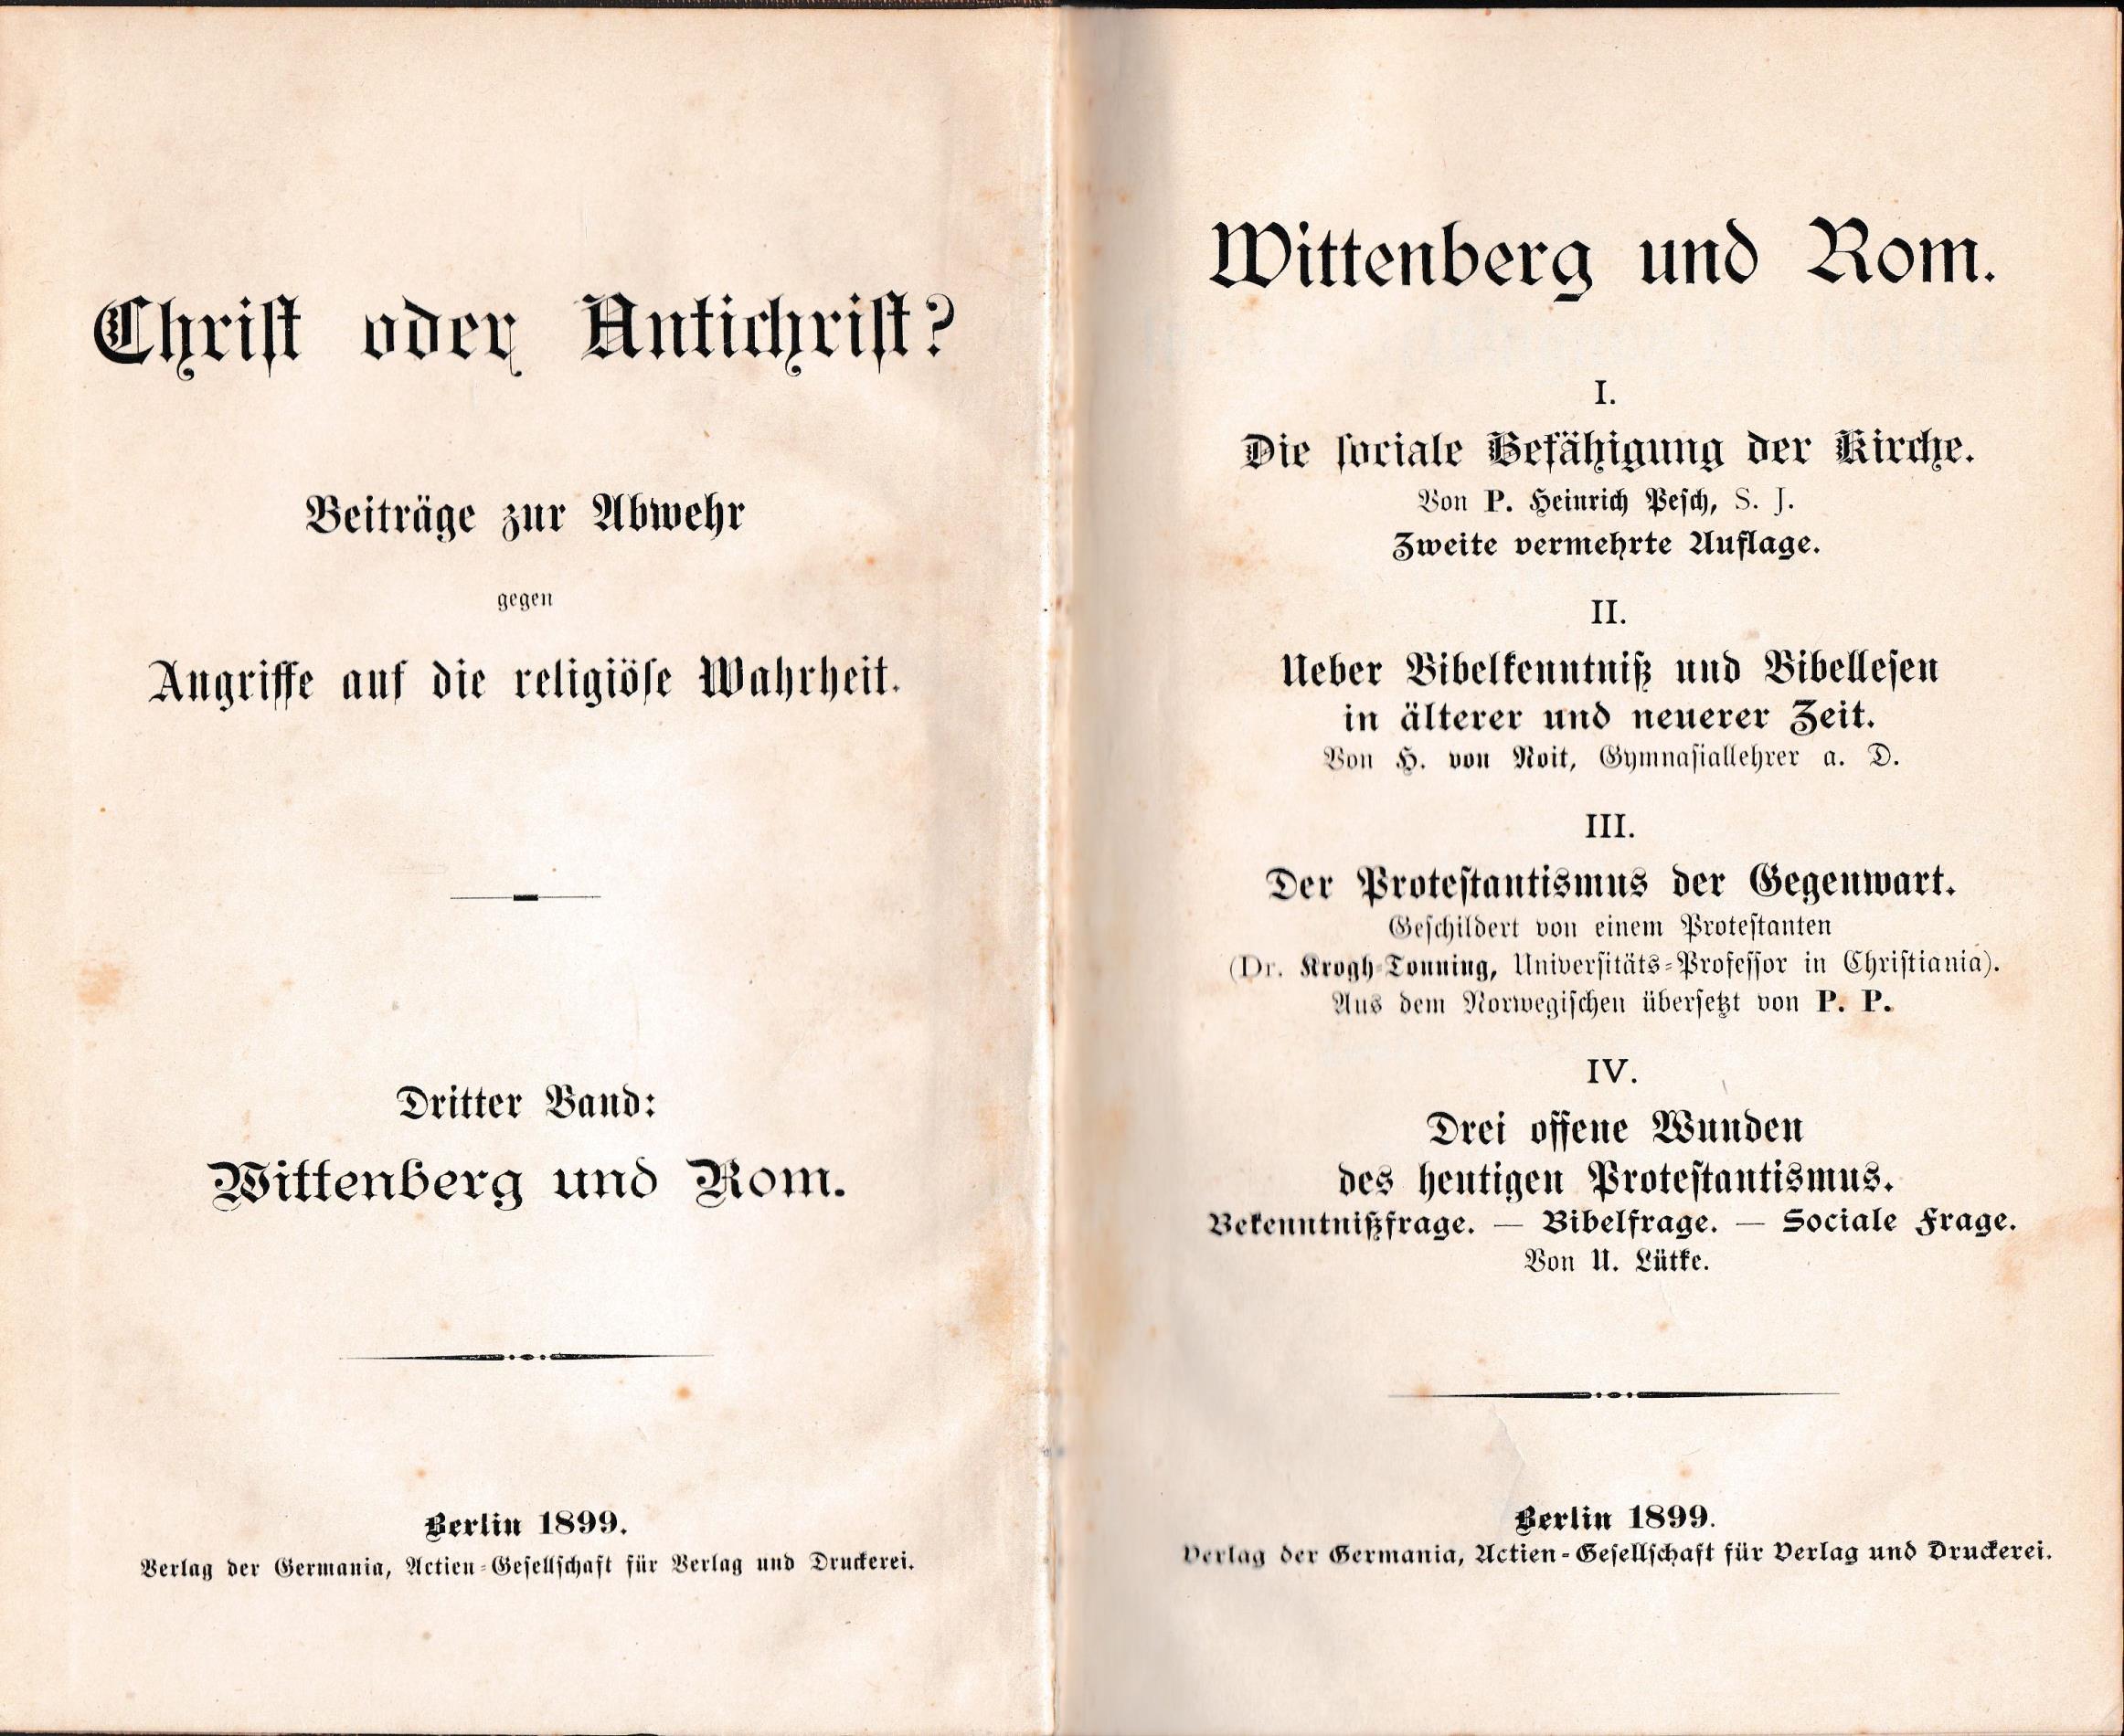 Wittenberg und Rom;(= Christ oder Antichrist? Beiträge: Gottlieb